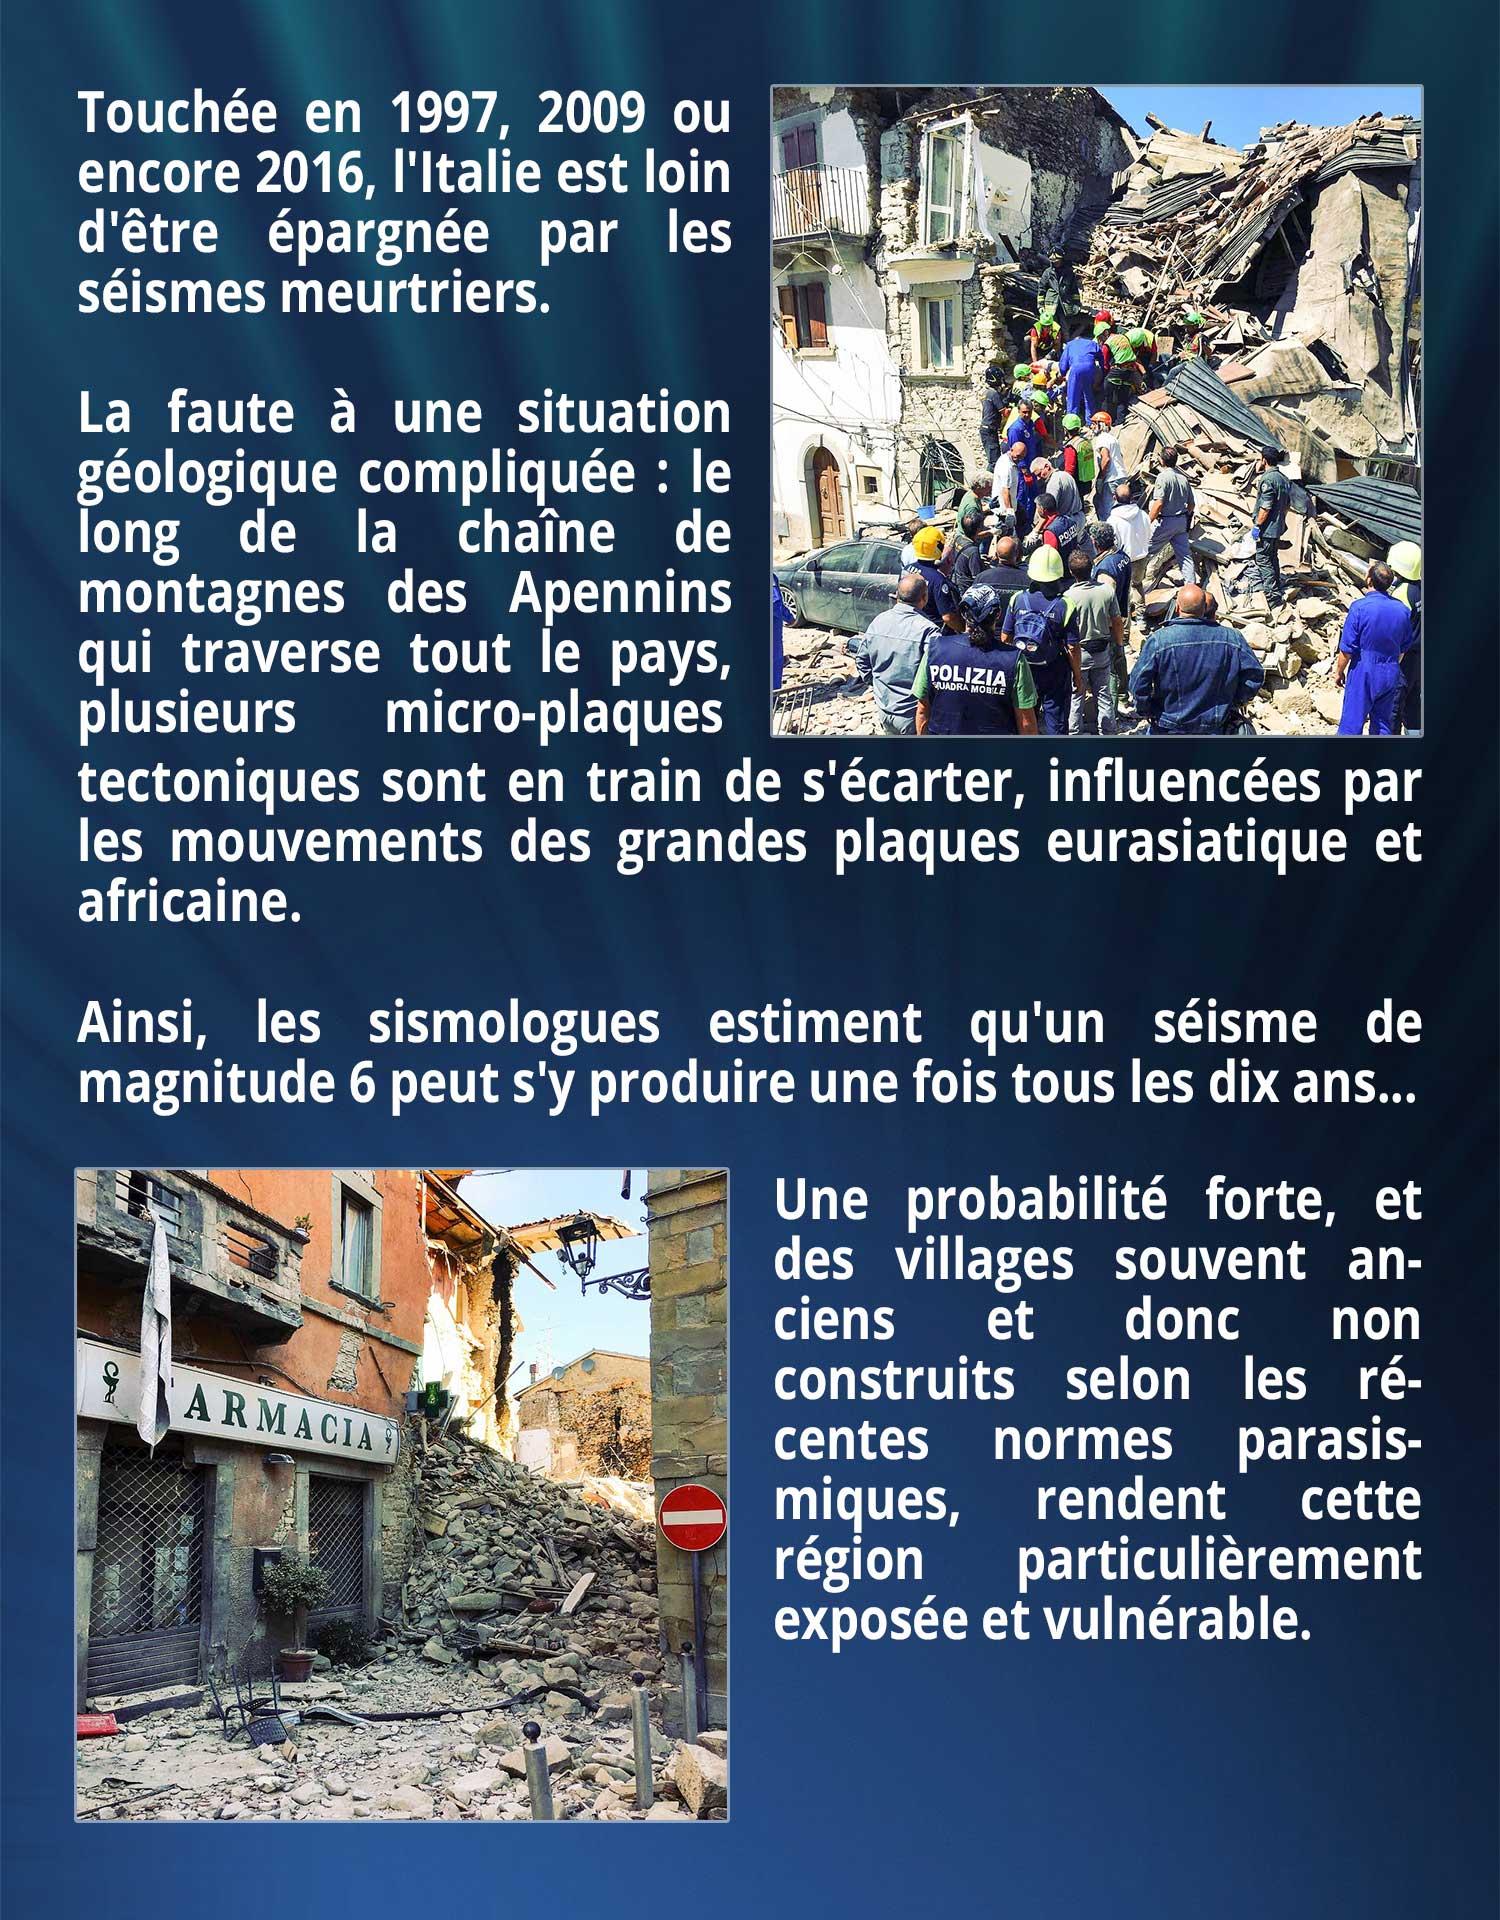 Touchée en 1997, 2009 ou encore 2016, l'Italie est loin d'être épargnée par les séismes meurtriers. La faute à une situation géologique compliquée : le long de la chaîne de montagnes des Apennins qui traverse tout le pays, plusieurs micro-plaques tectoniques sont en train de s'écarter, influencées par les mouvements des grandes plaques eurasiatique et africaine. Ainsi, les sismologues estiment qu'un séisme de magnitude 6 peut s'y produire une fois tous les dix ans... Une probabilité forte, et des villages souvent anciens et donc non construits selon les récentes normes parasismiques, rendent cette région particulièrement exposée et vulnérable.